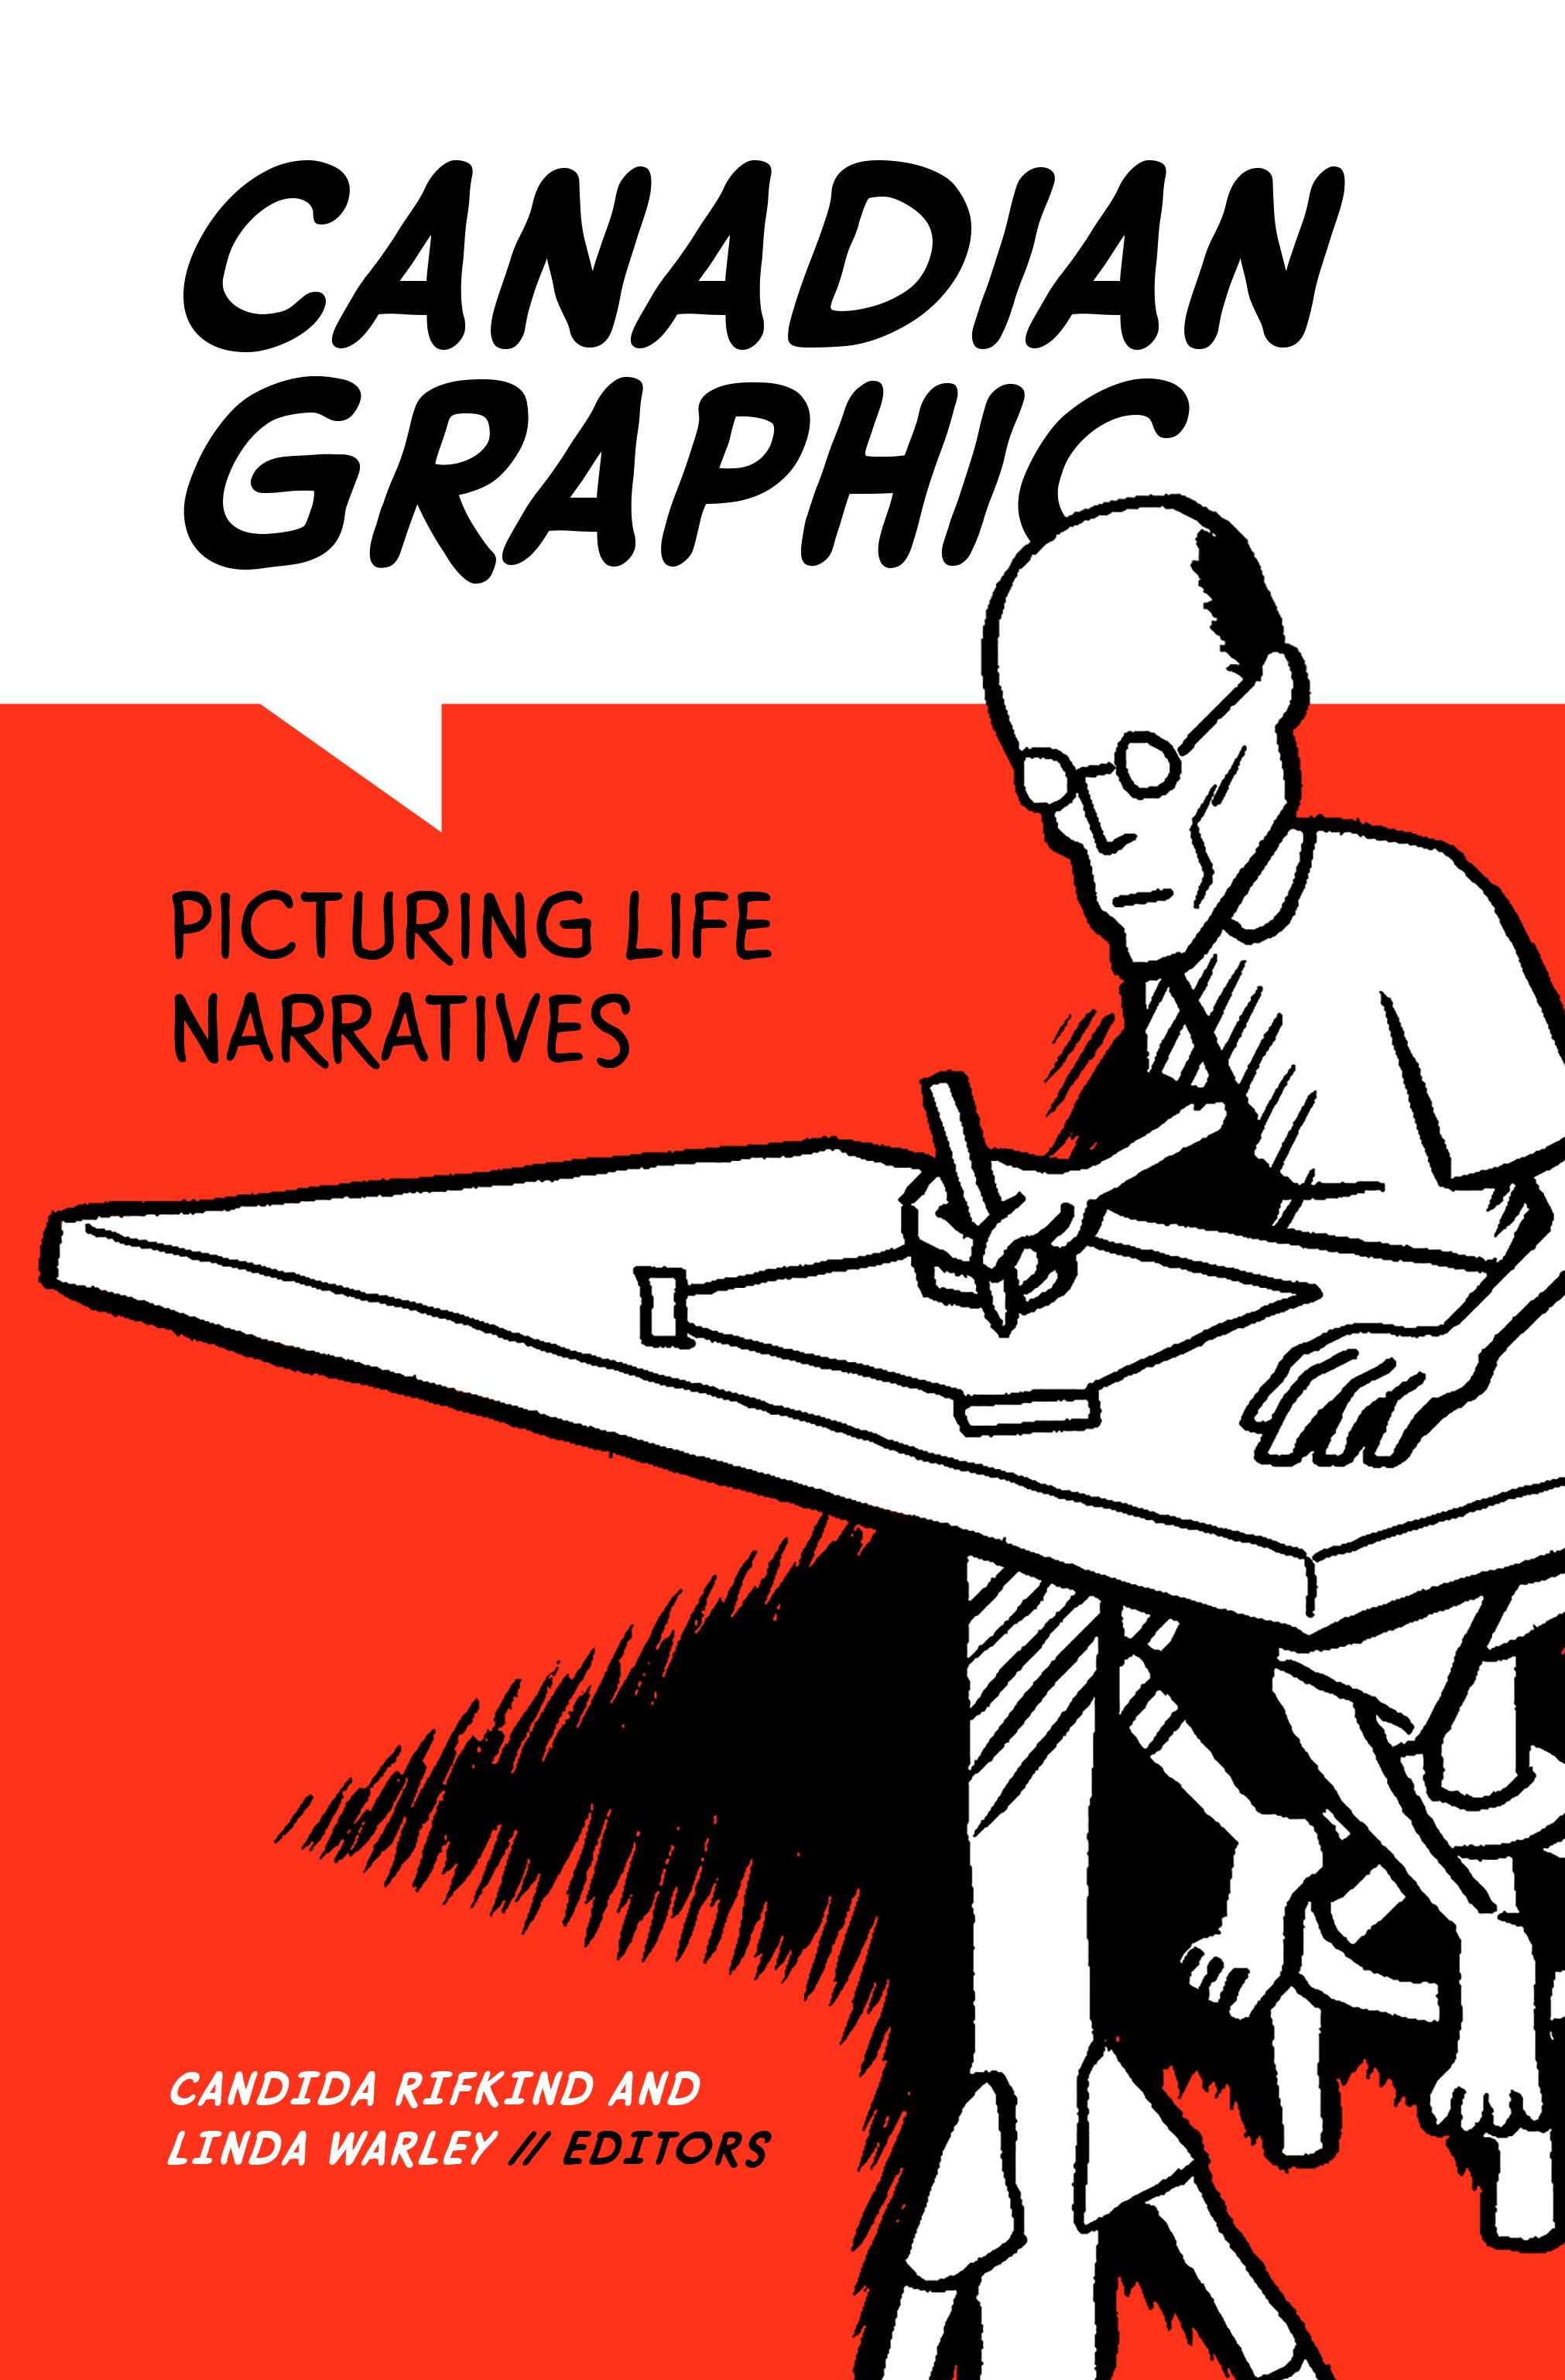 https://www.wlupress.wlu.ca/Books/C/Canadian-Graphic